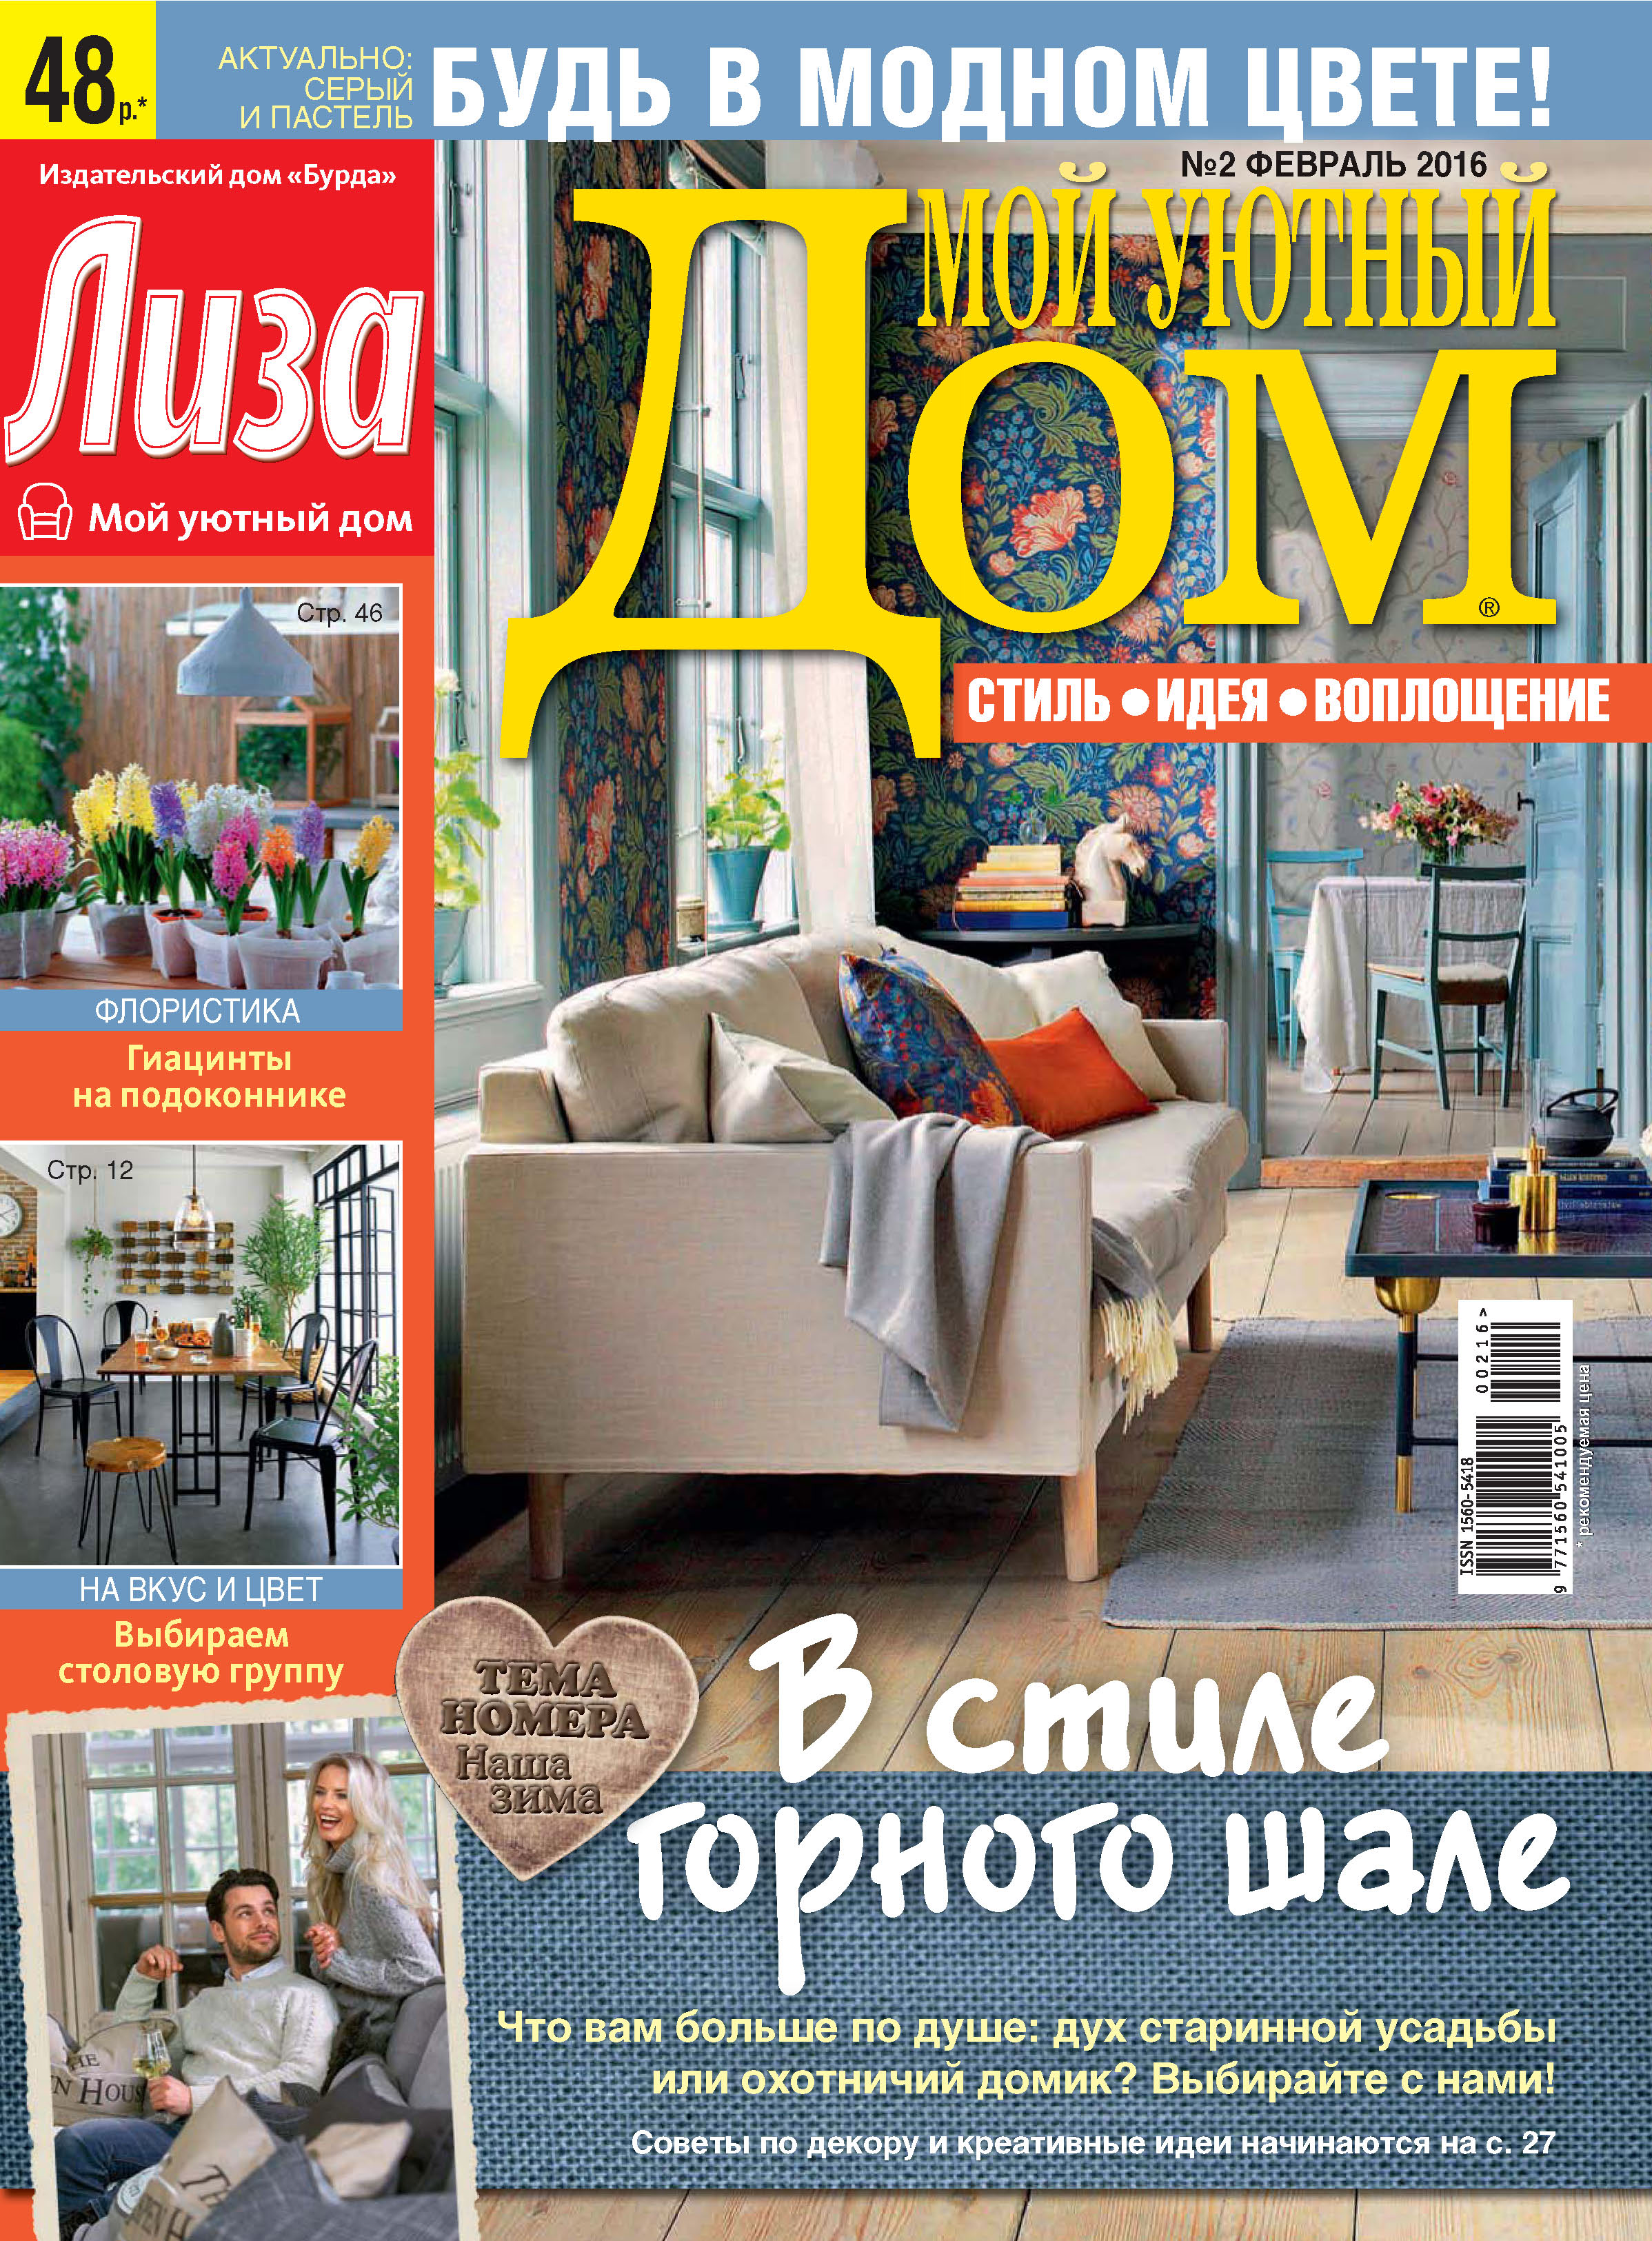 Журнал «Лиза. Мой уютный дом» № 02/2016